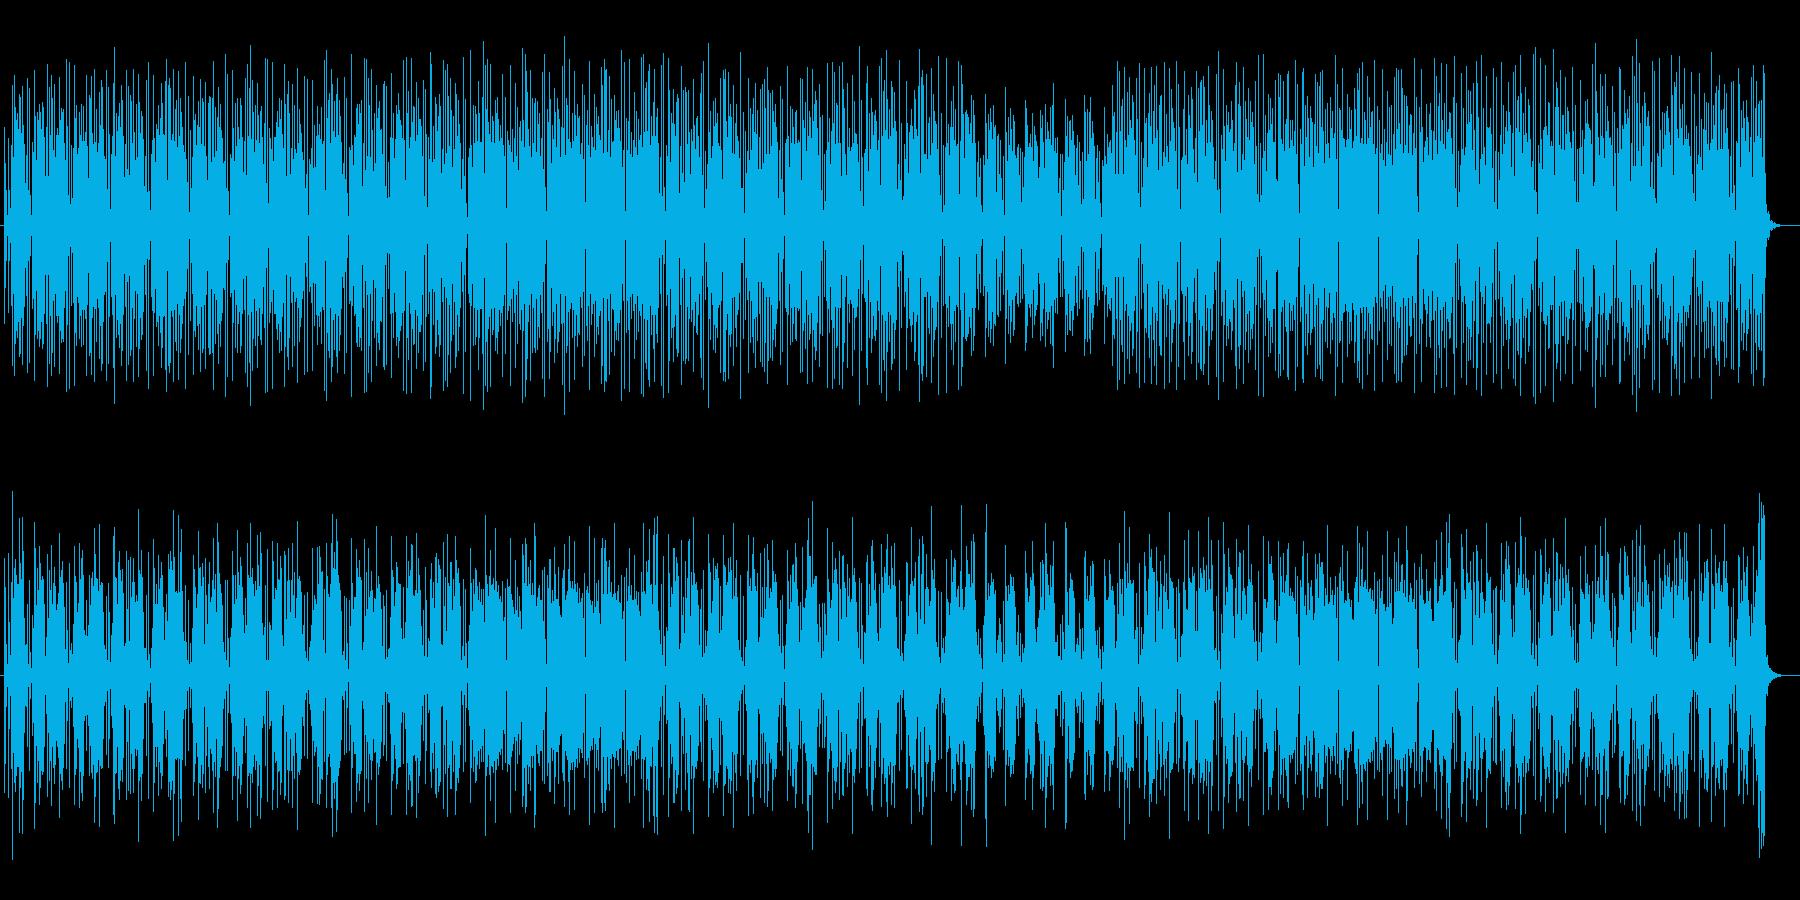 のんびりとしたシンセポップスの再生済みの波形